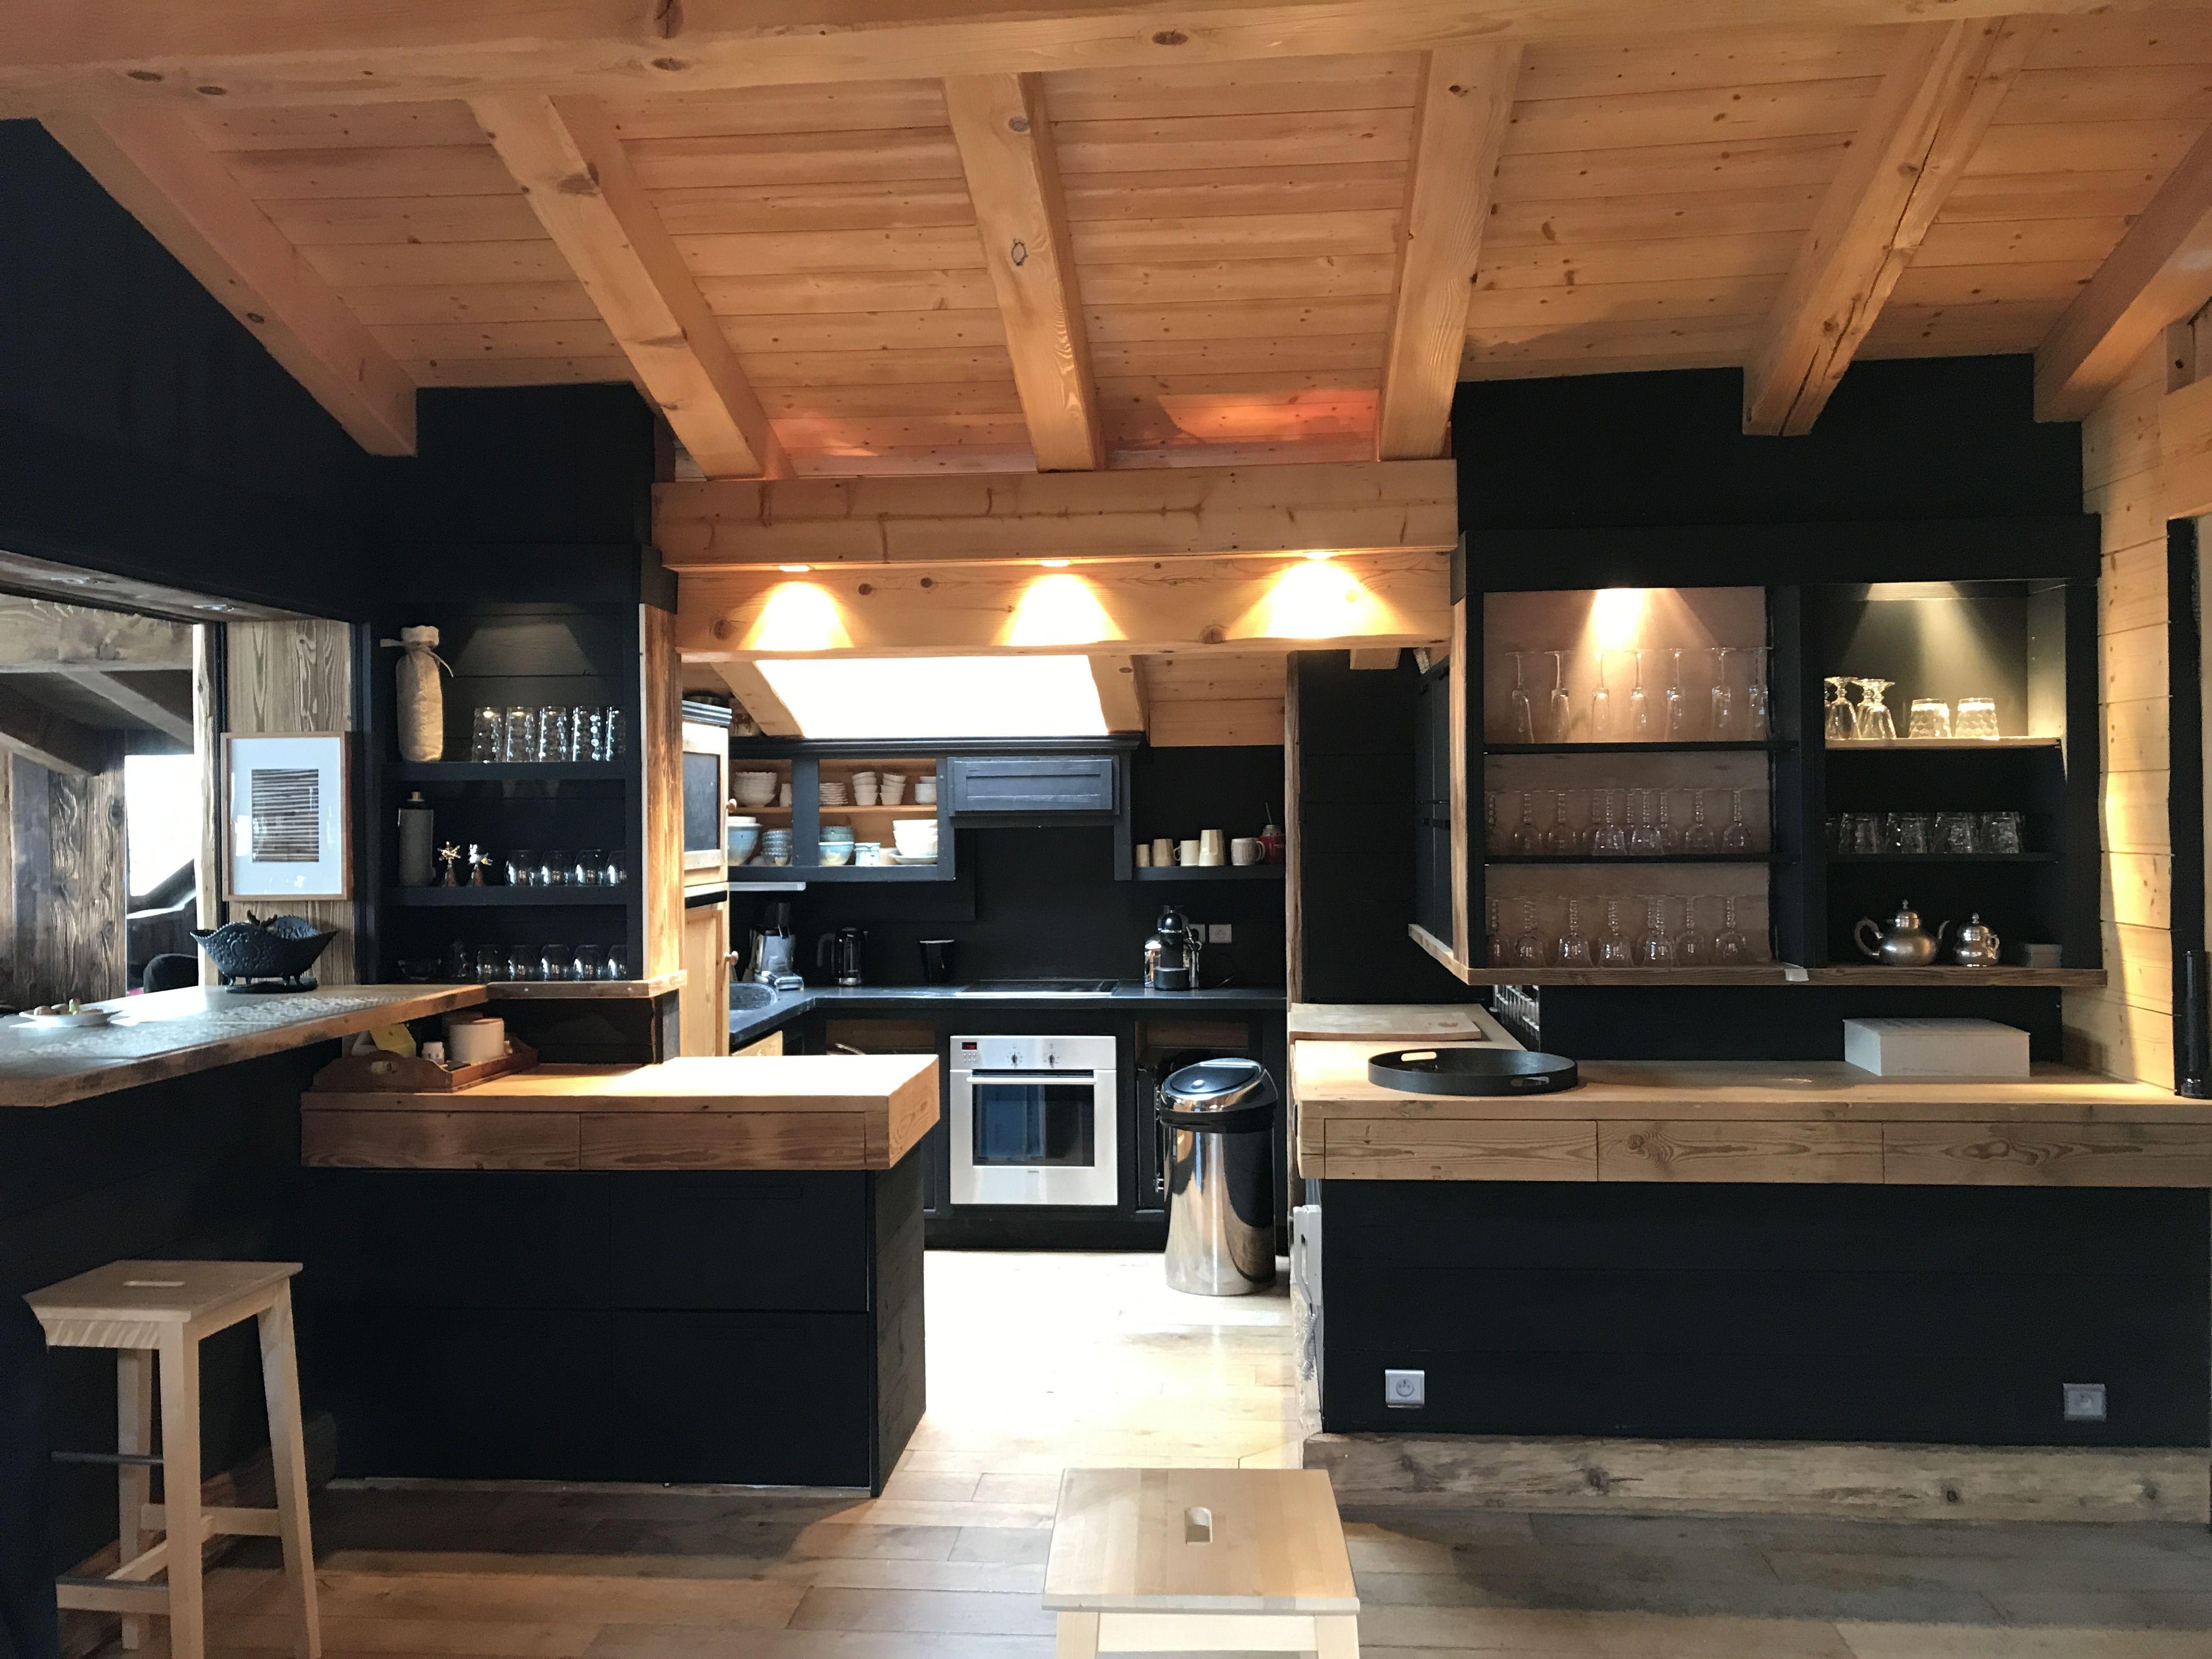 Vieux bois et peinture noire . Cuisine Chalet Megève | Interiors en ...